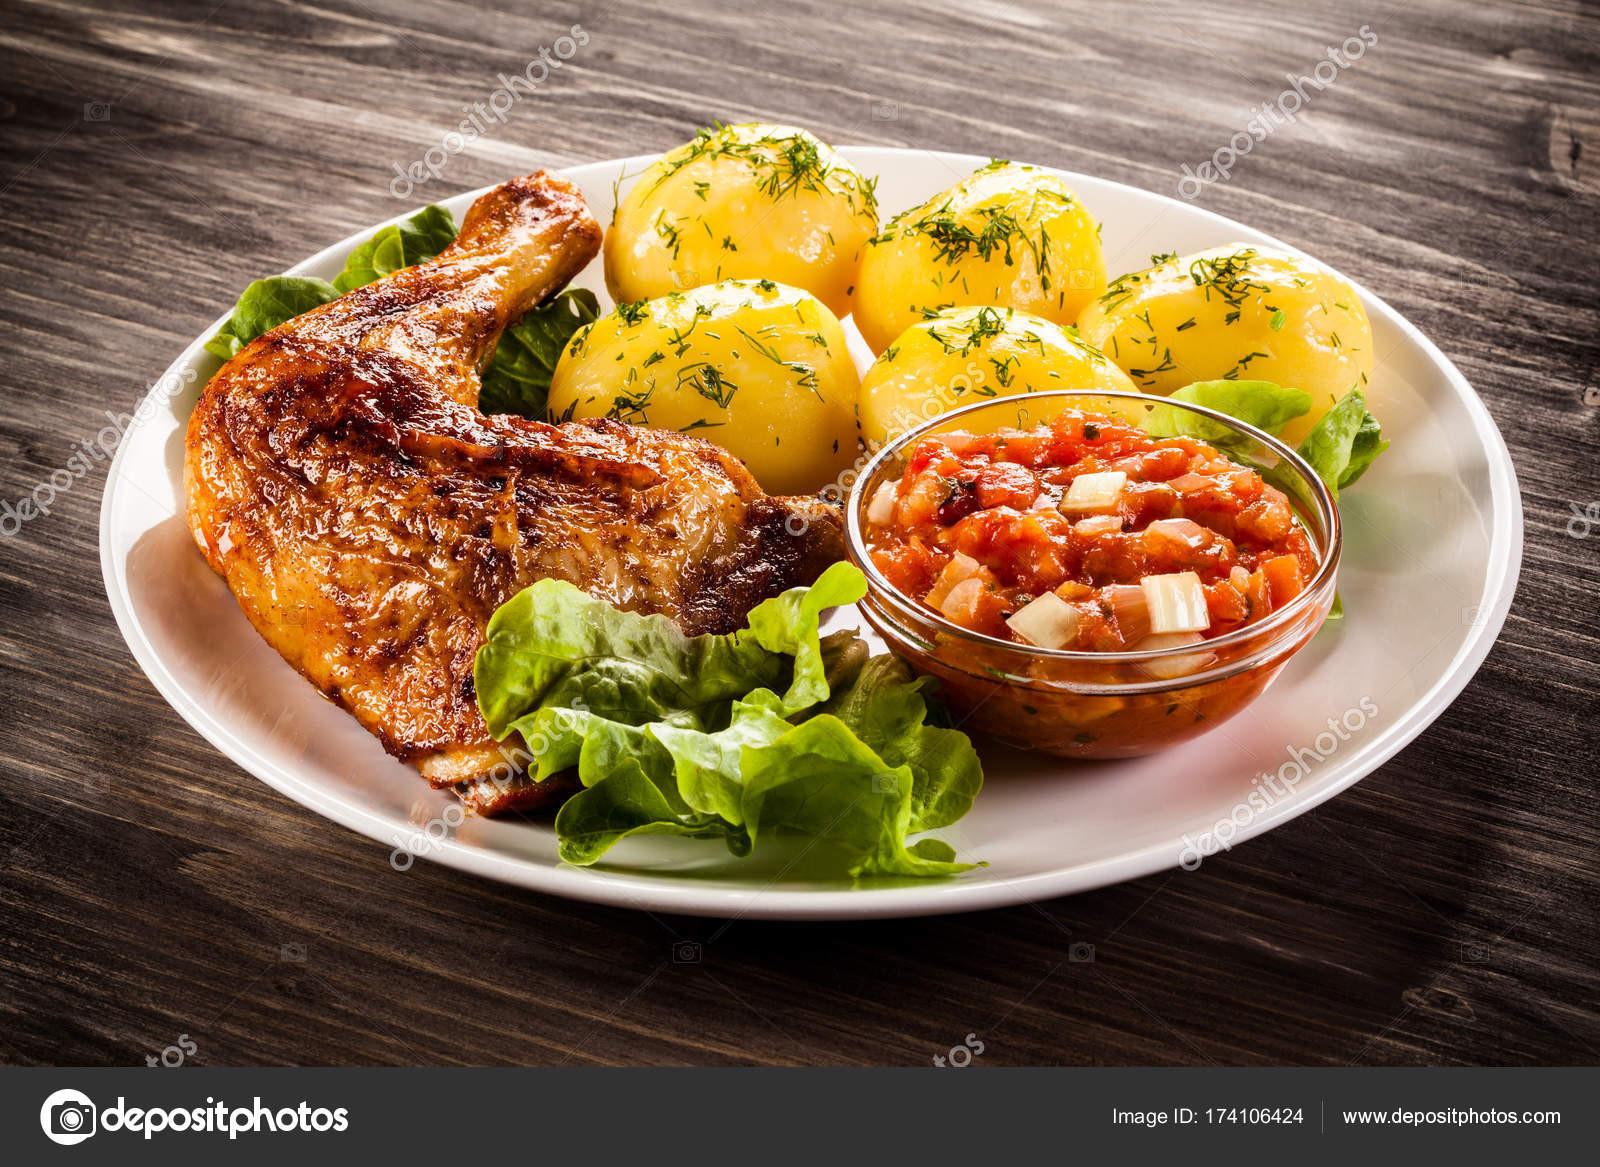 Boiling Chicken Thighs  Смажений курячі ноги з вареної картоплі та овочів